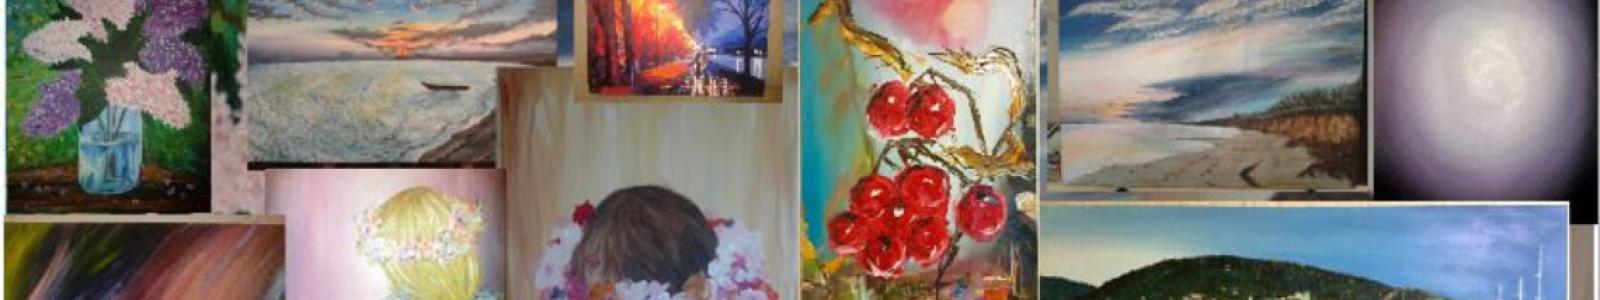 Galerie Bildmaler Viktor Lytosh